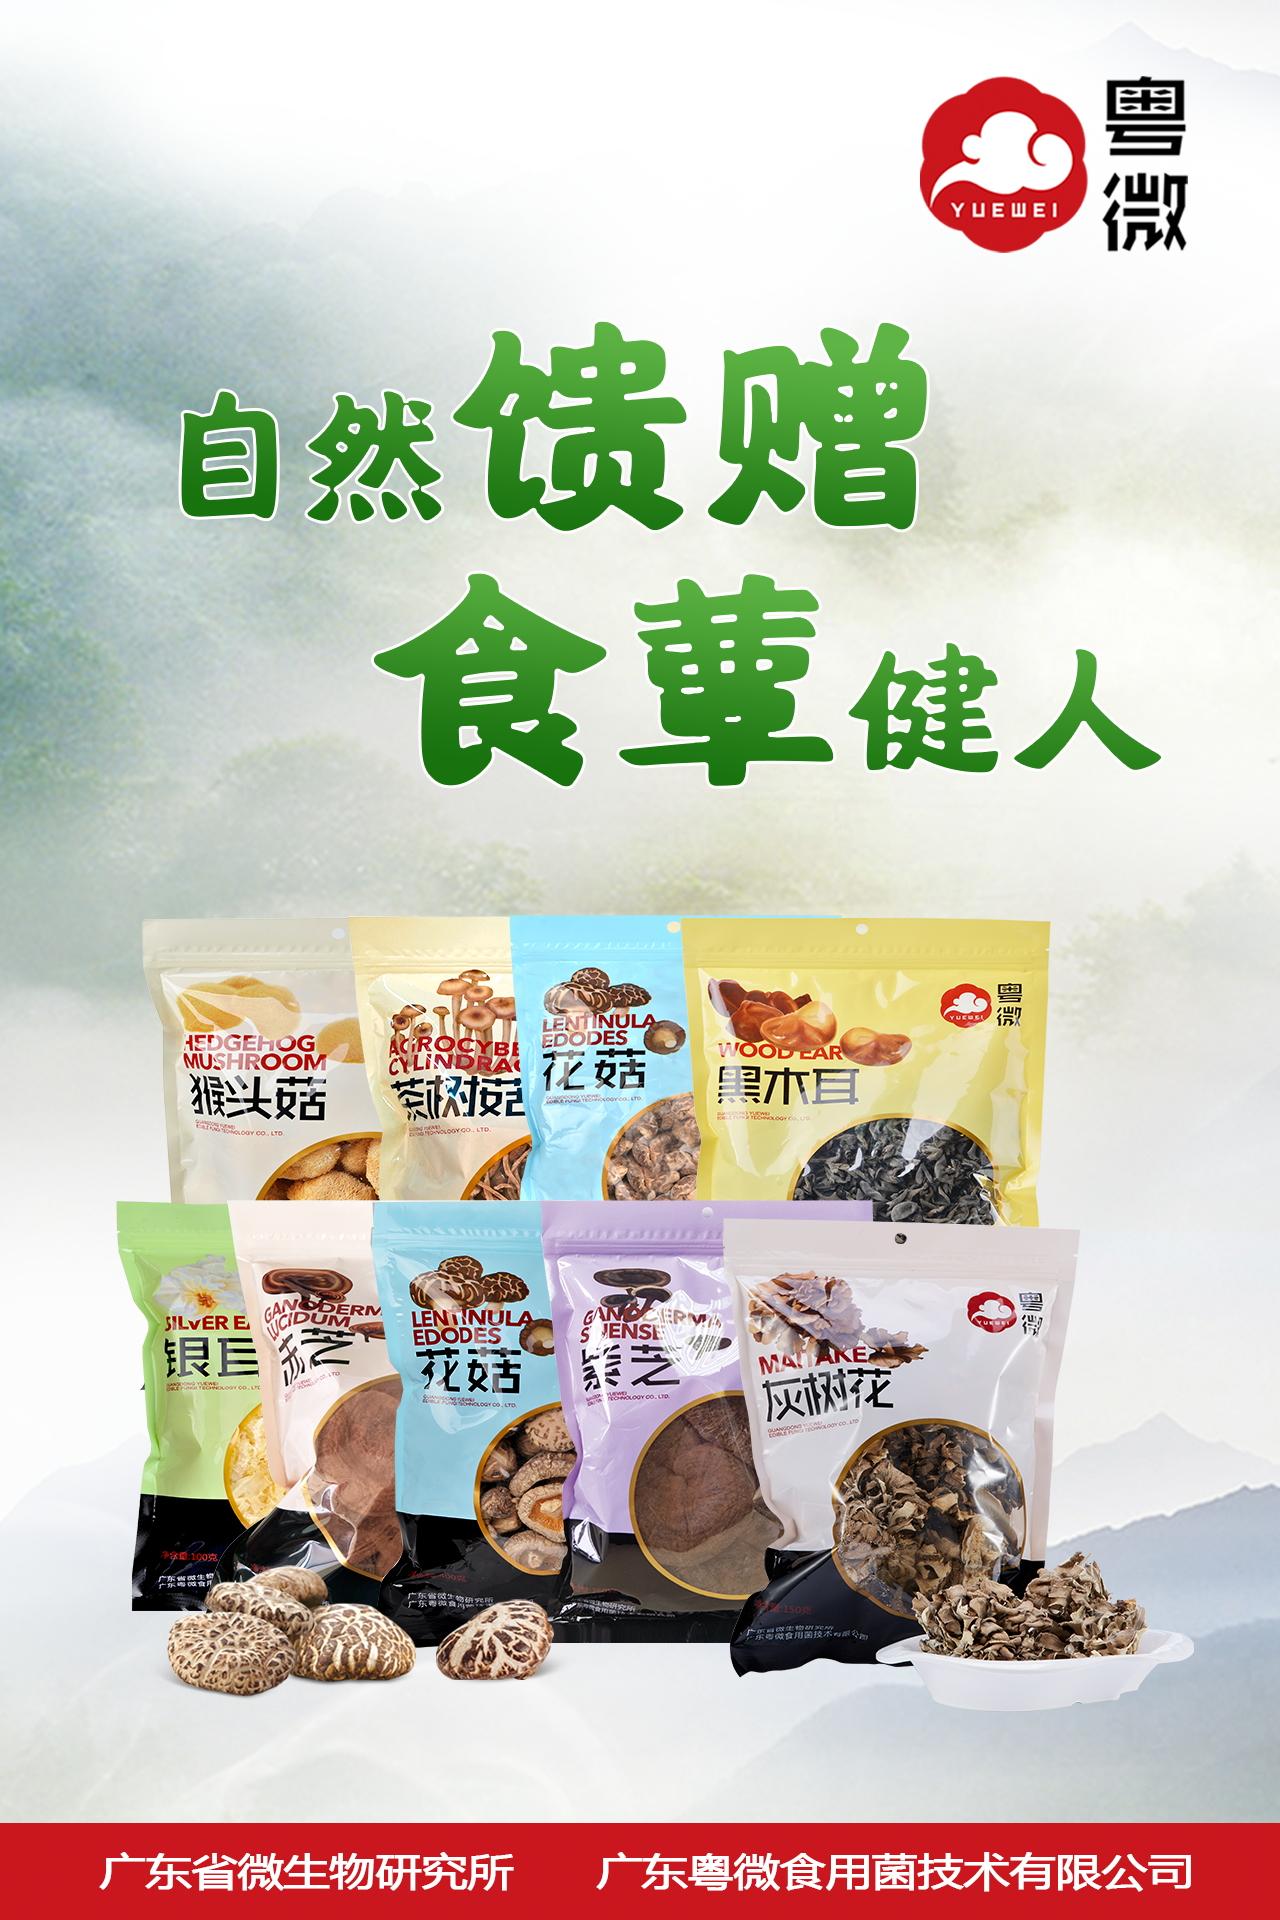 关于粤微菇类产品调价的通知